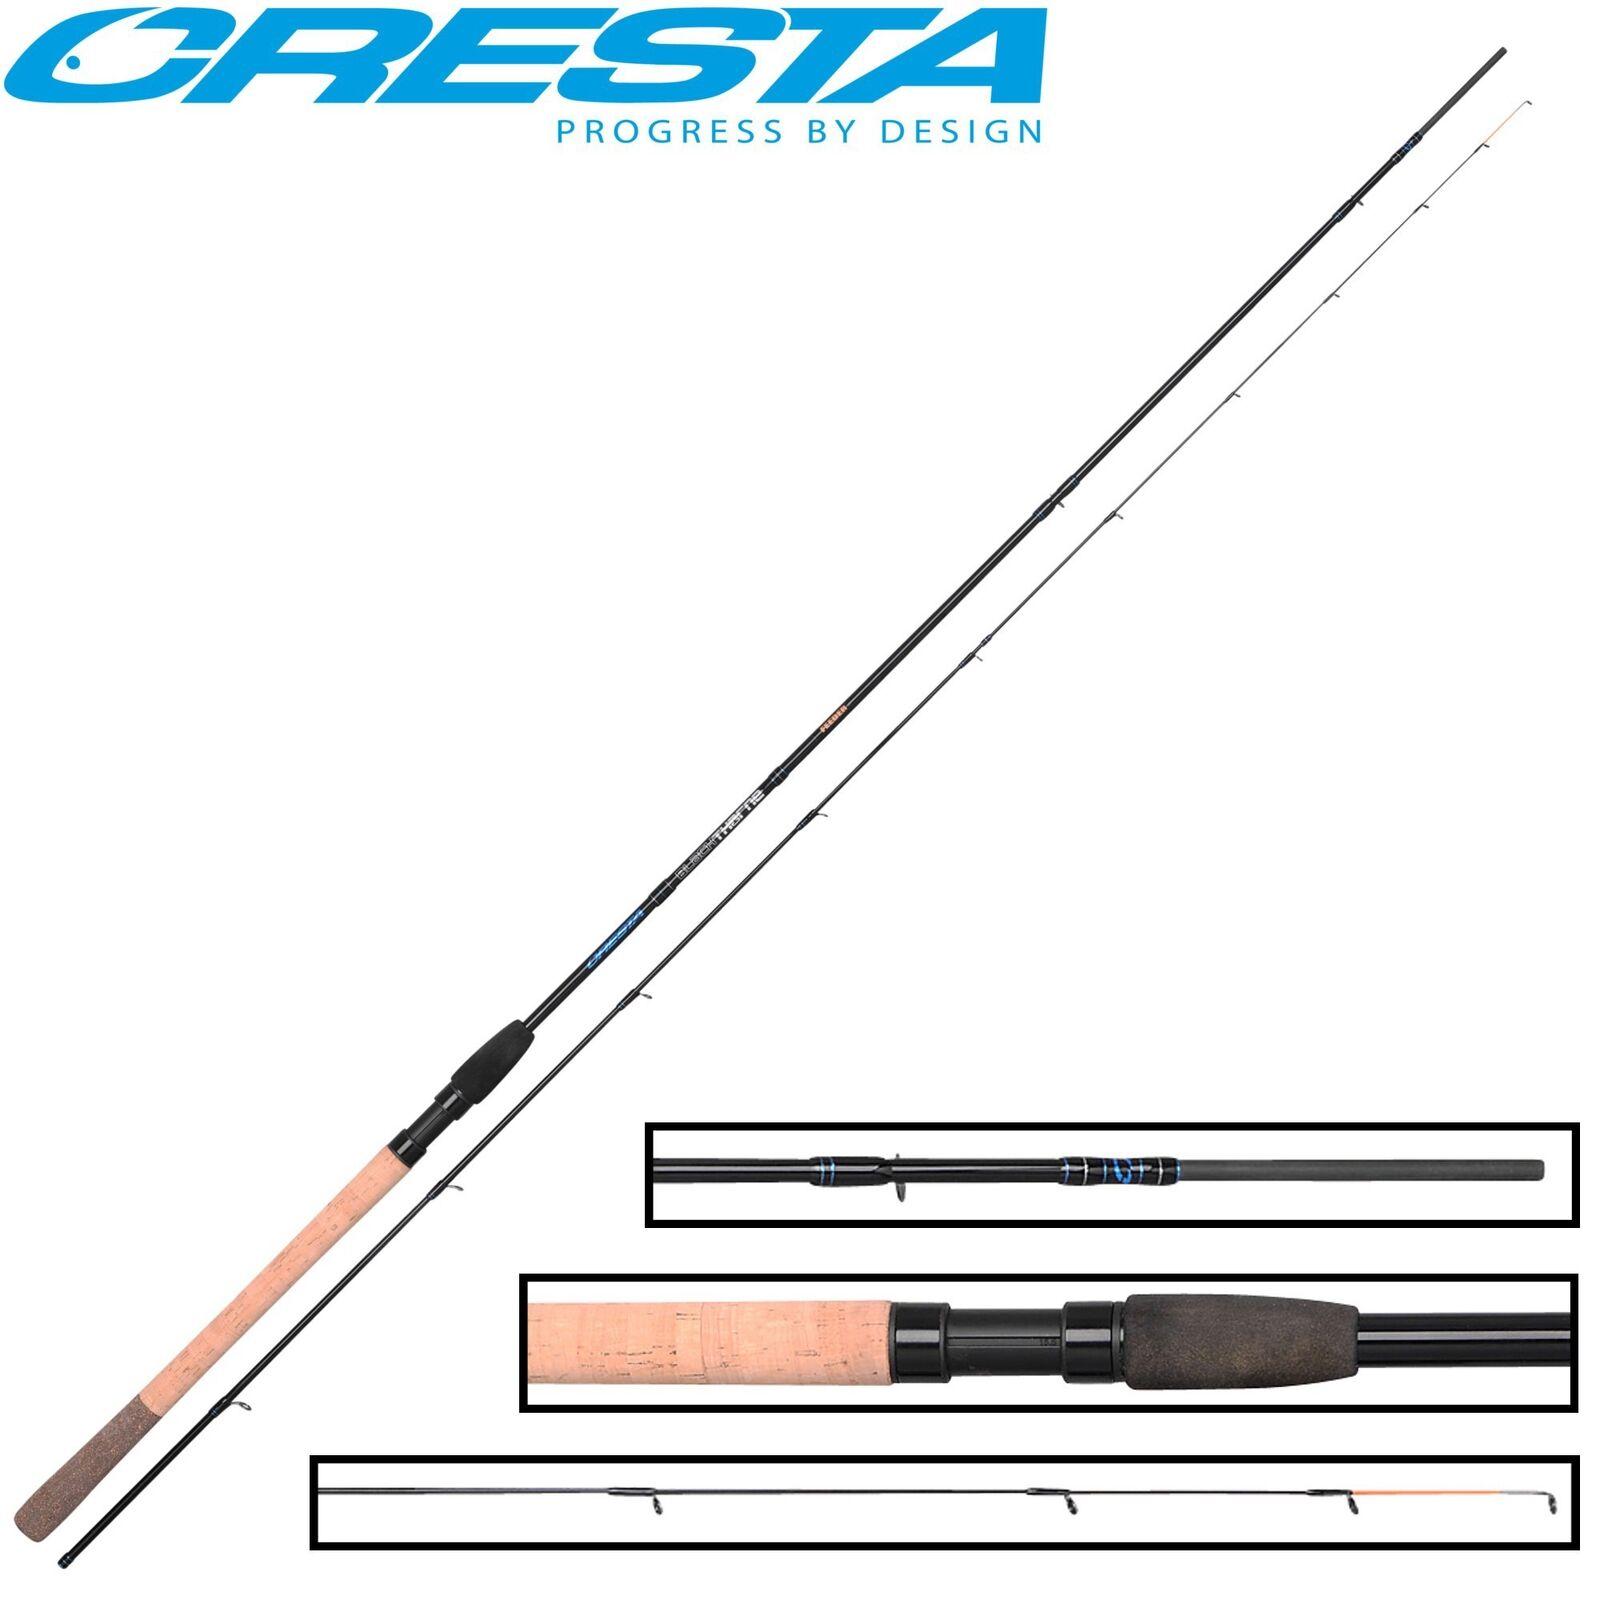 Cresta schwarzthorne Feeder 2 70m 70m 70m 40g - Feederrute Angelrute zum Futterkorbangeln b572dc